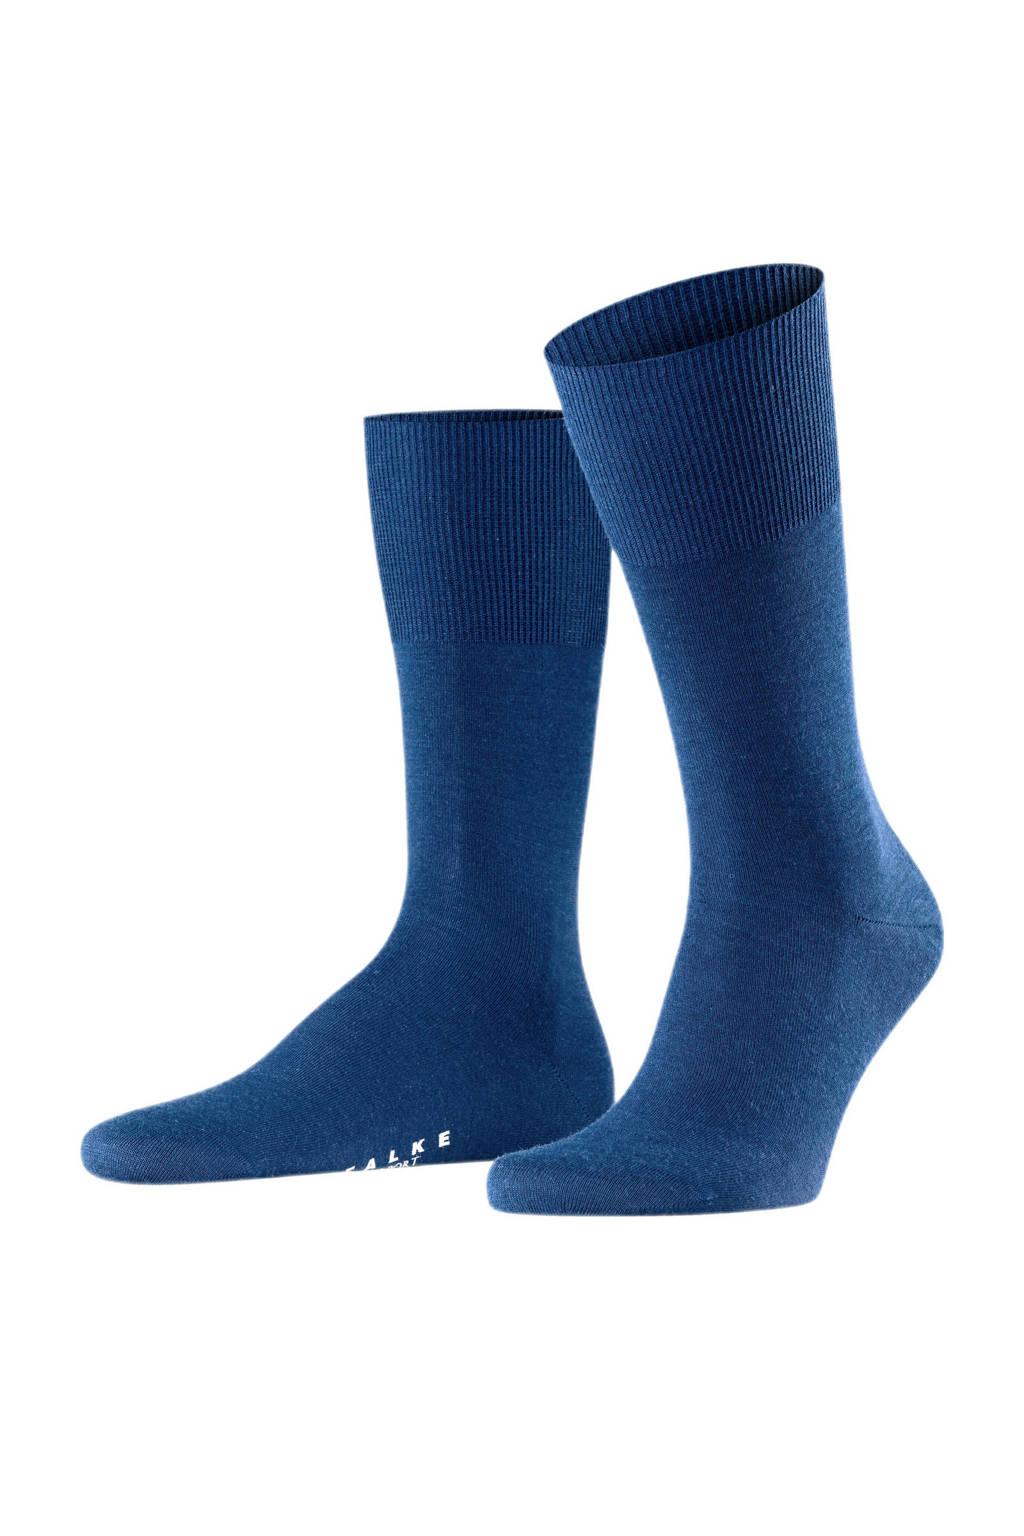 FALKE airport sokken blauw, Blauw